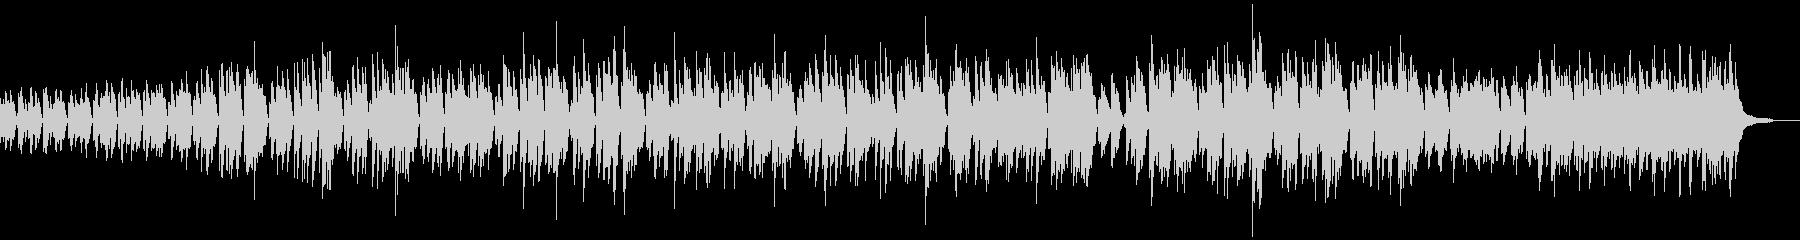 ピアノと木琴のミニマルミュージック/芸術の未再生の波形